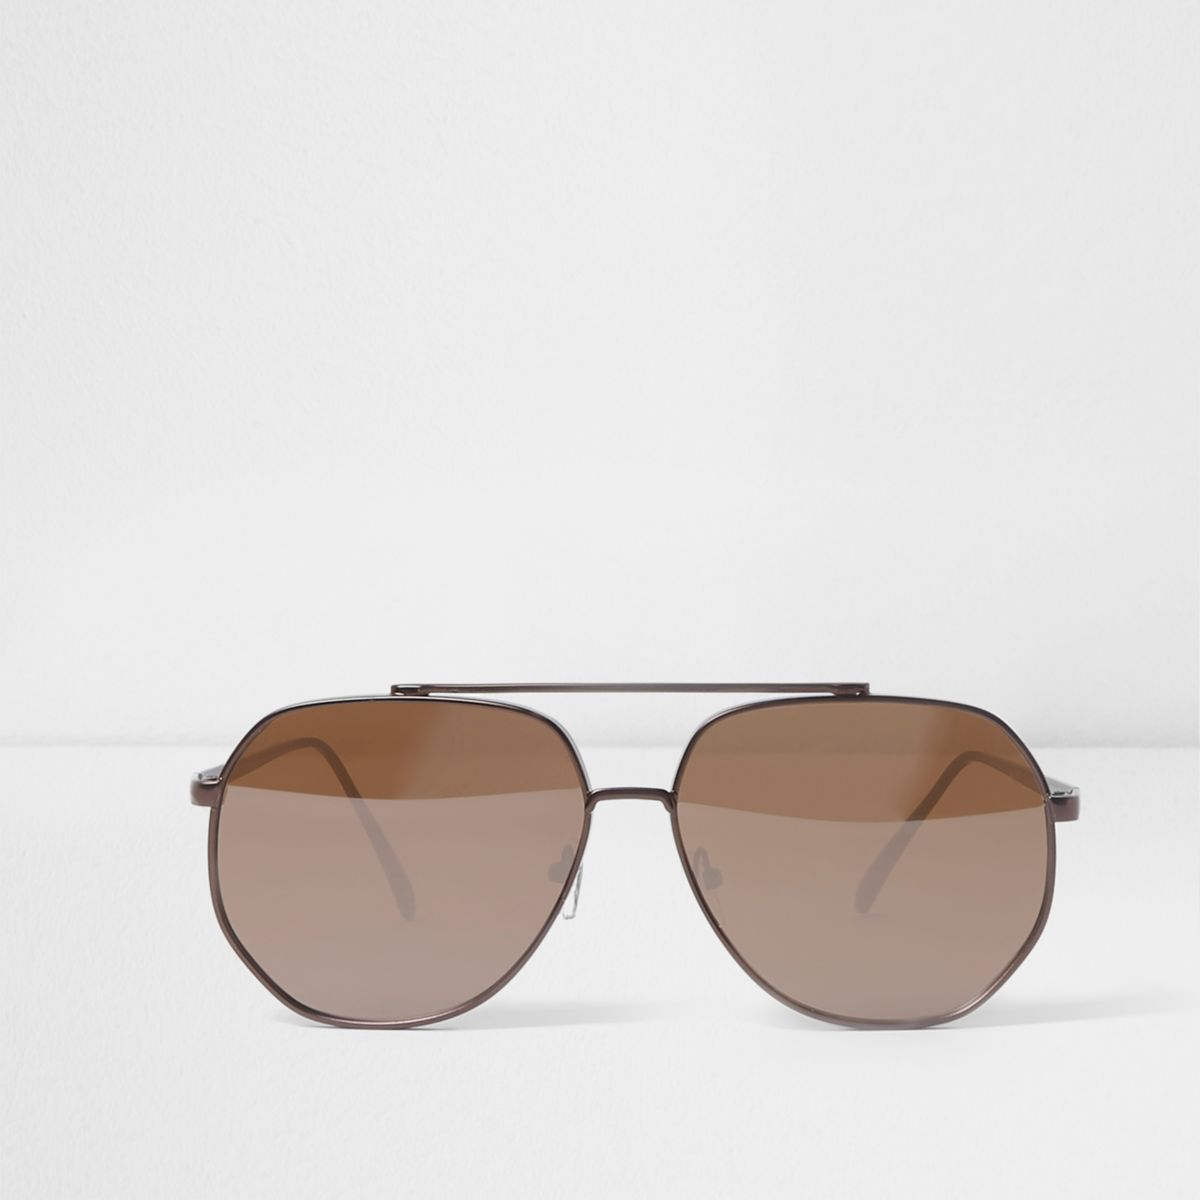 Brown metal frames aviator sunglasses